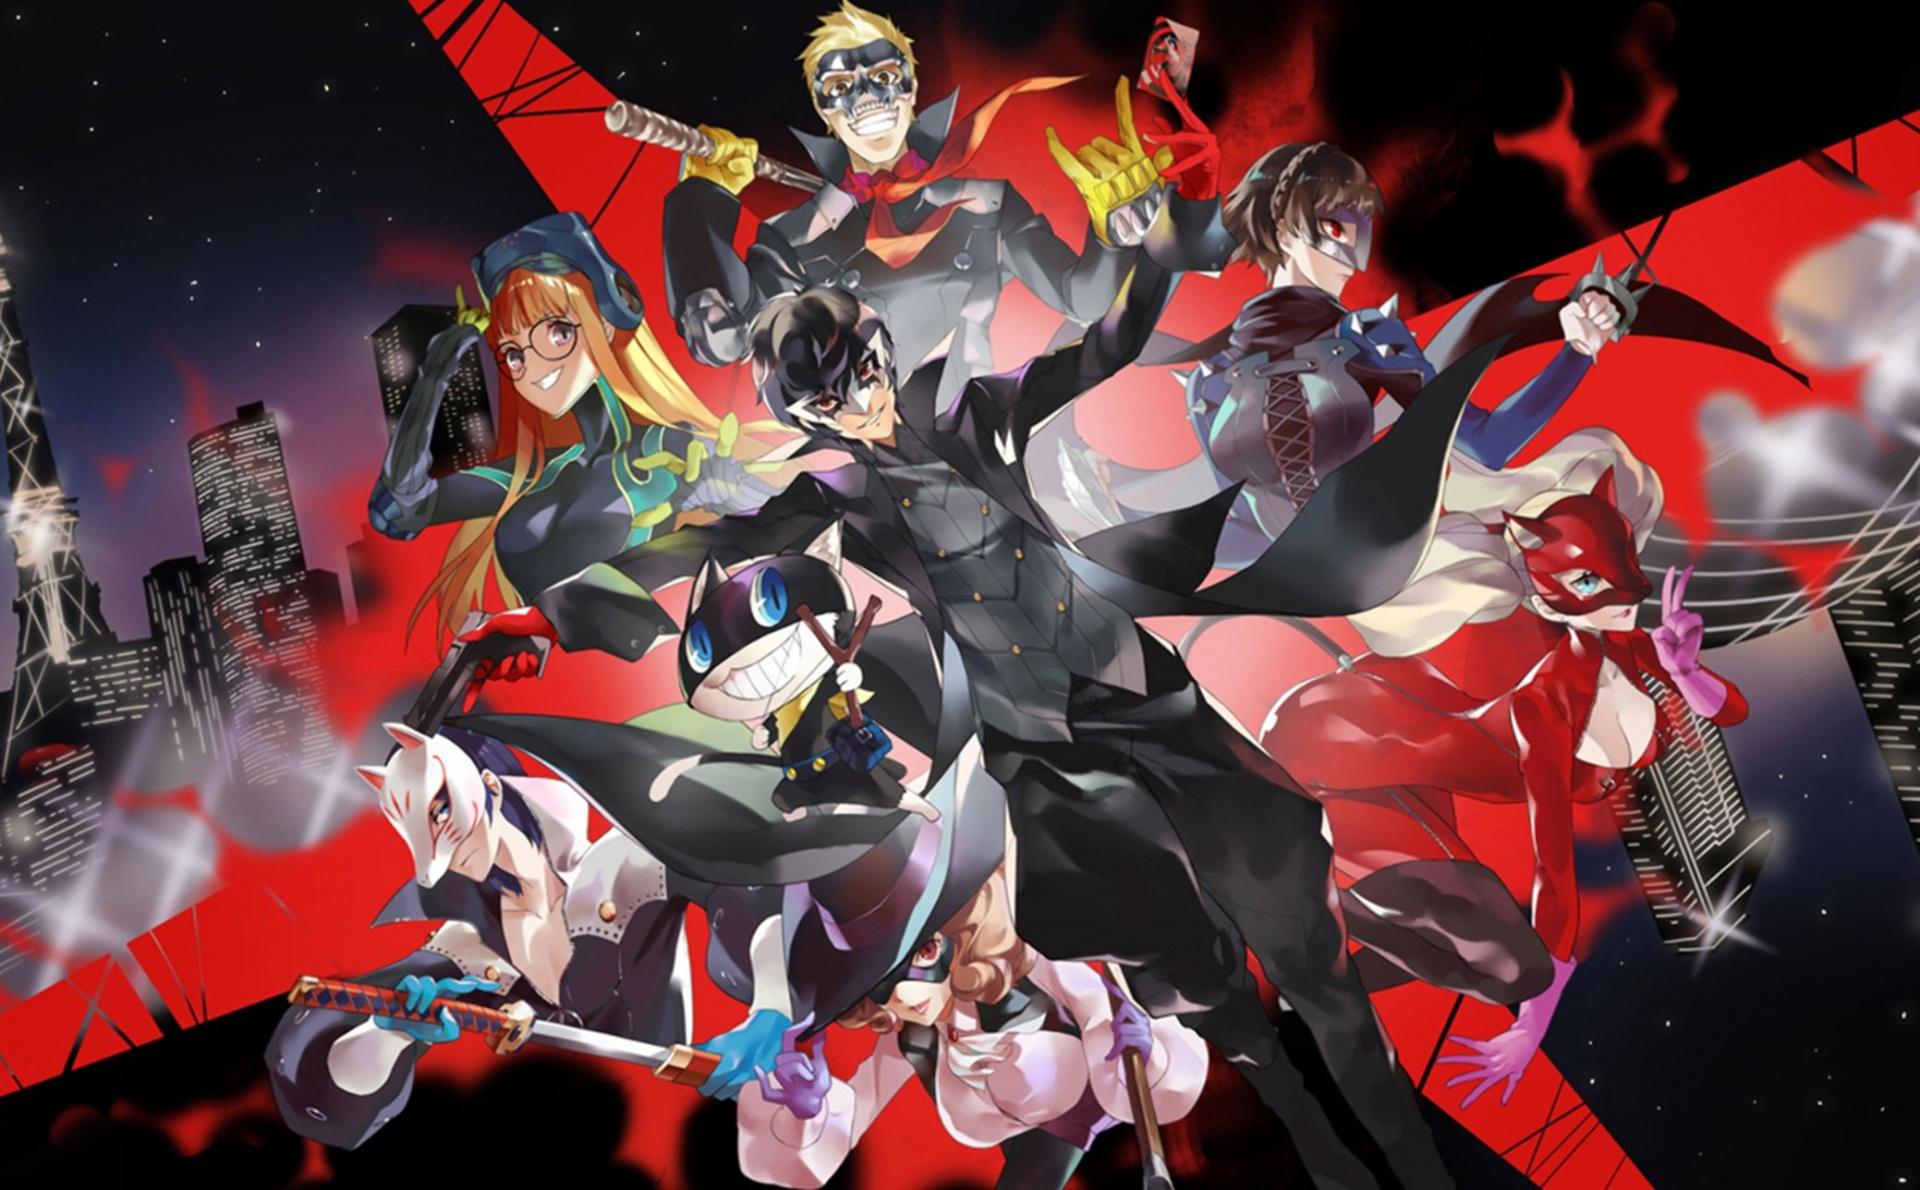 Игры серии Persona купили 10 миллионов игроков